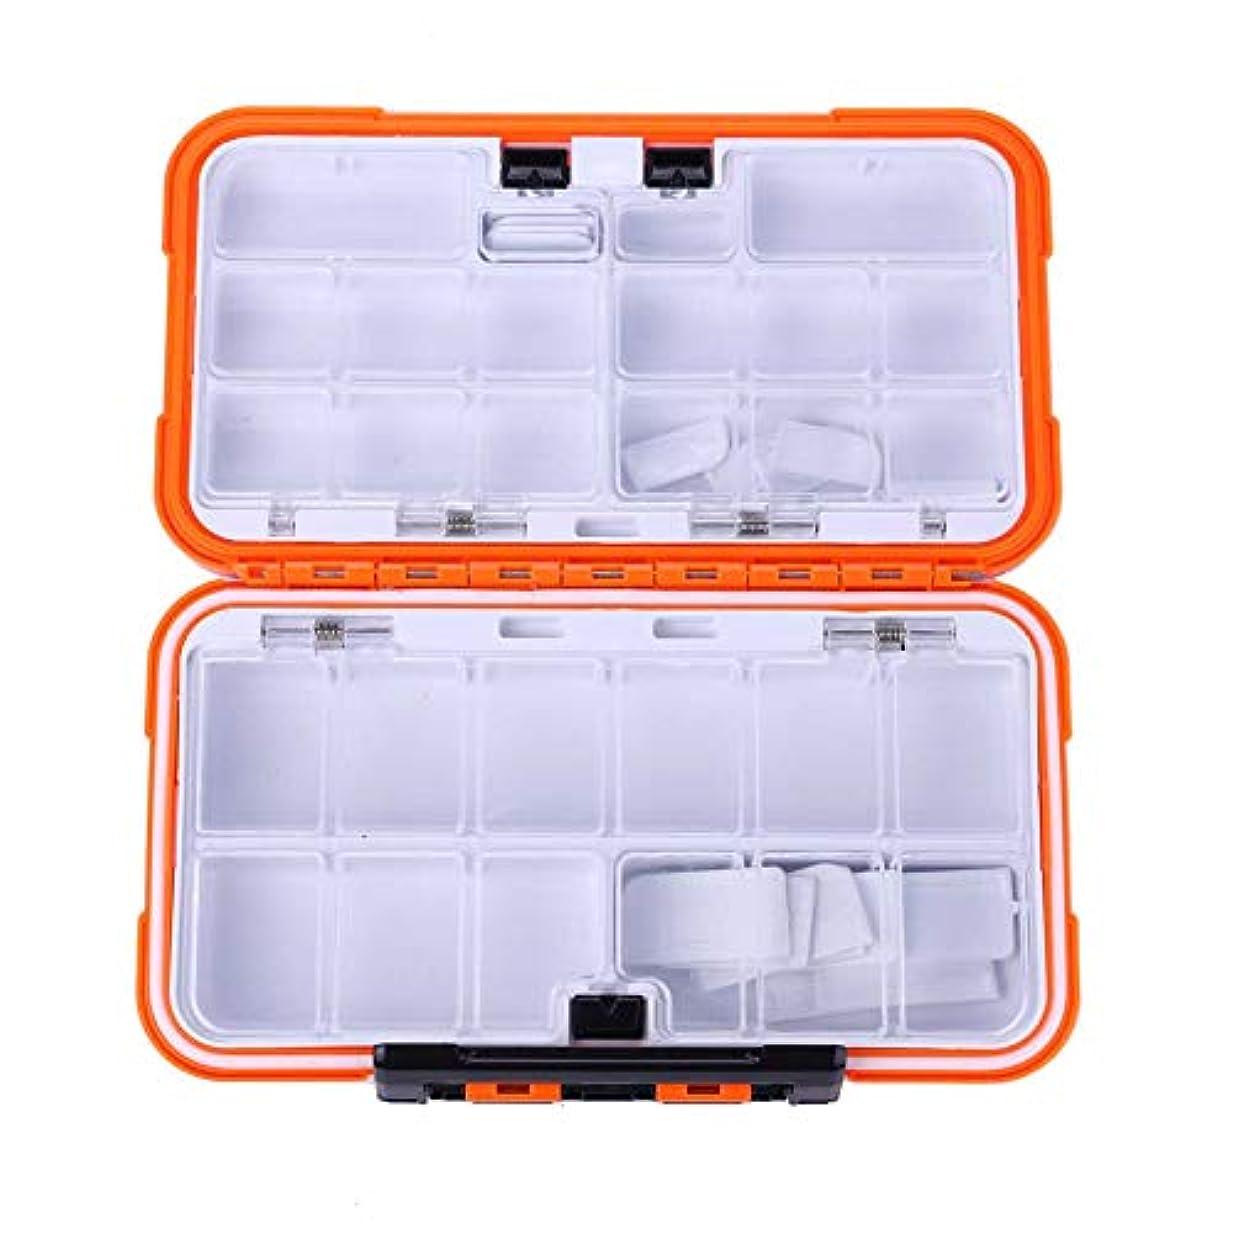 ディスク鮫祝福BOBORA ルアーケース 釣具収納 防水 仕掛け 小物入れ 高強度ABSプラスチック 軽量 収納 フィッシング アクセサリー オレンジ 三つサイズ